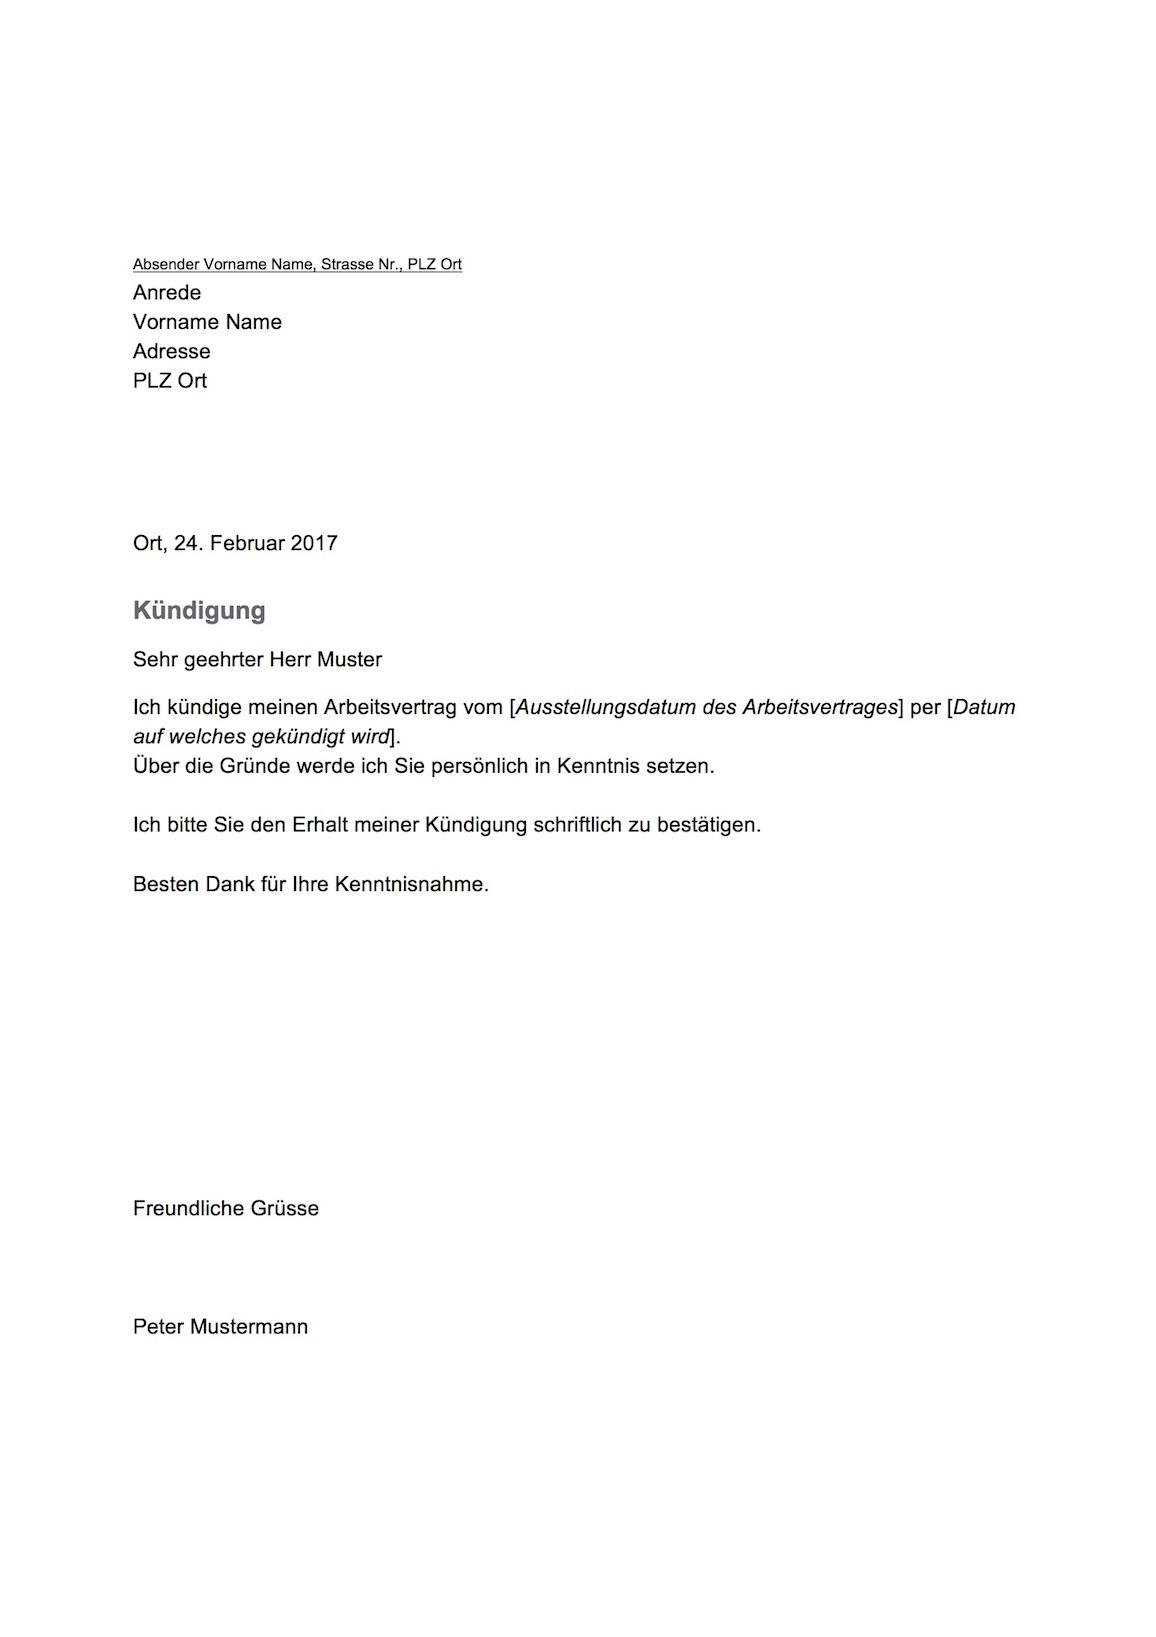 kndigung vorlage schweiz word - Kundigung Arbeitsvertrag Muster Arbeitnehmer